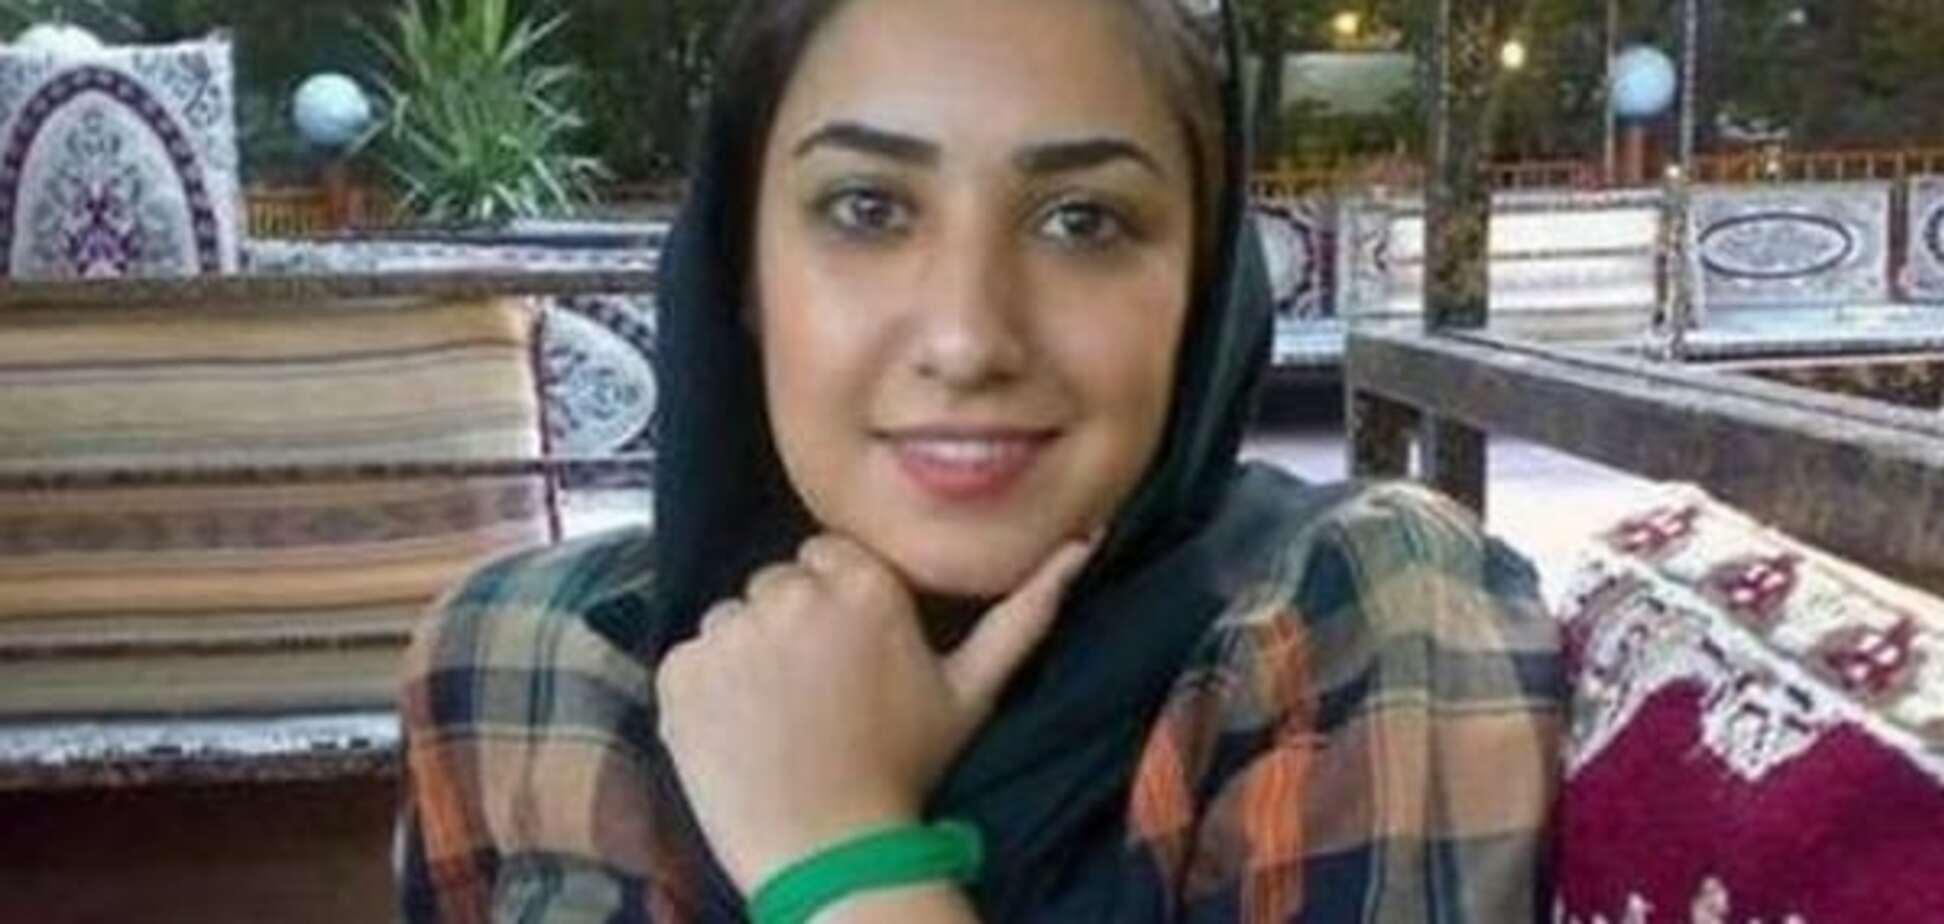 В Иране девушку осудят на 12 лет за рукопожатие с мужчиной